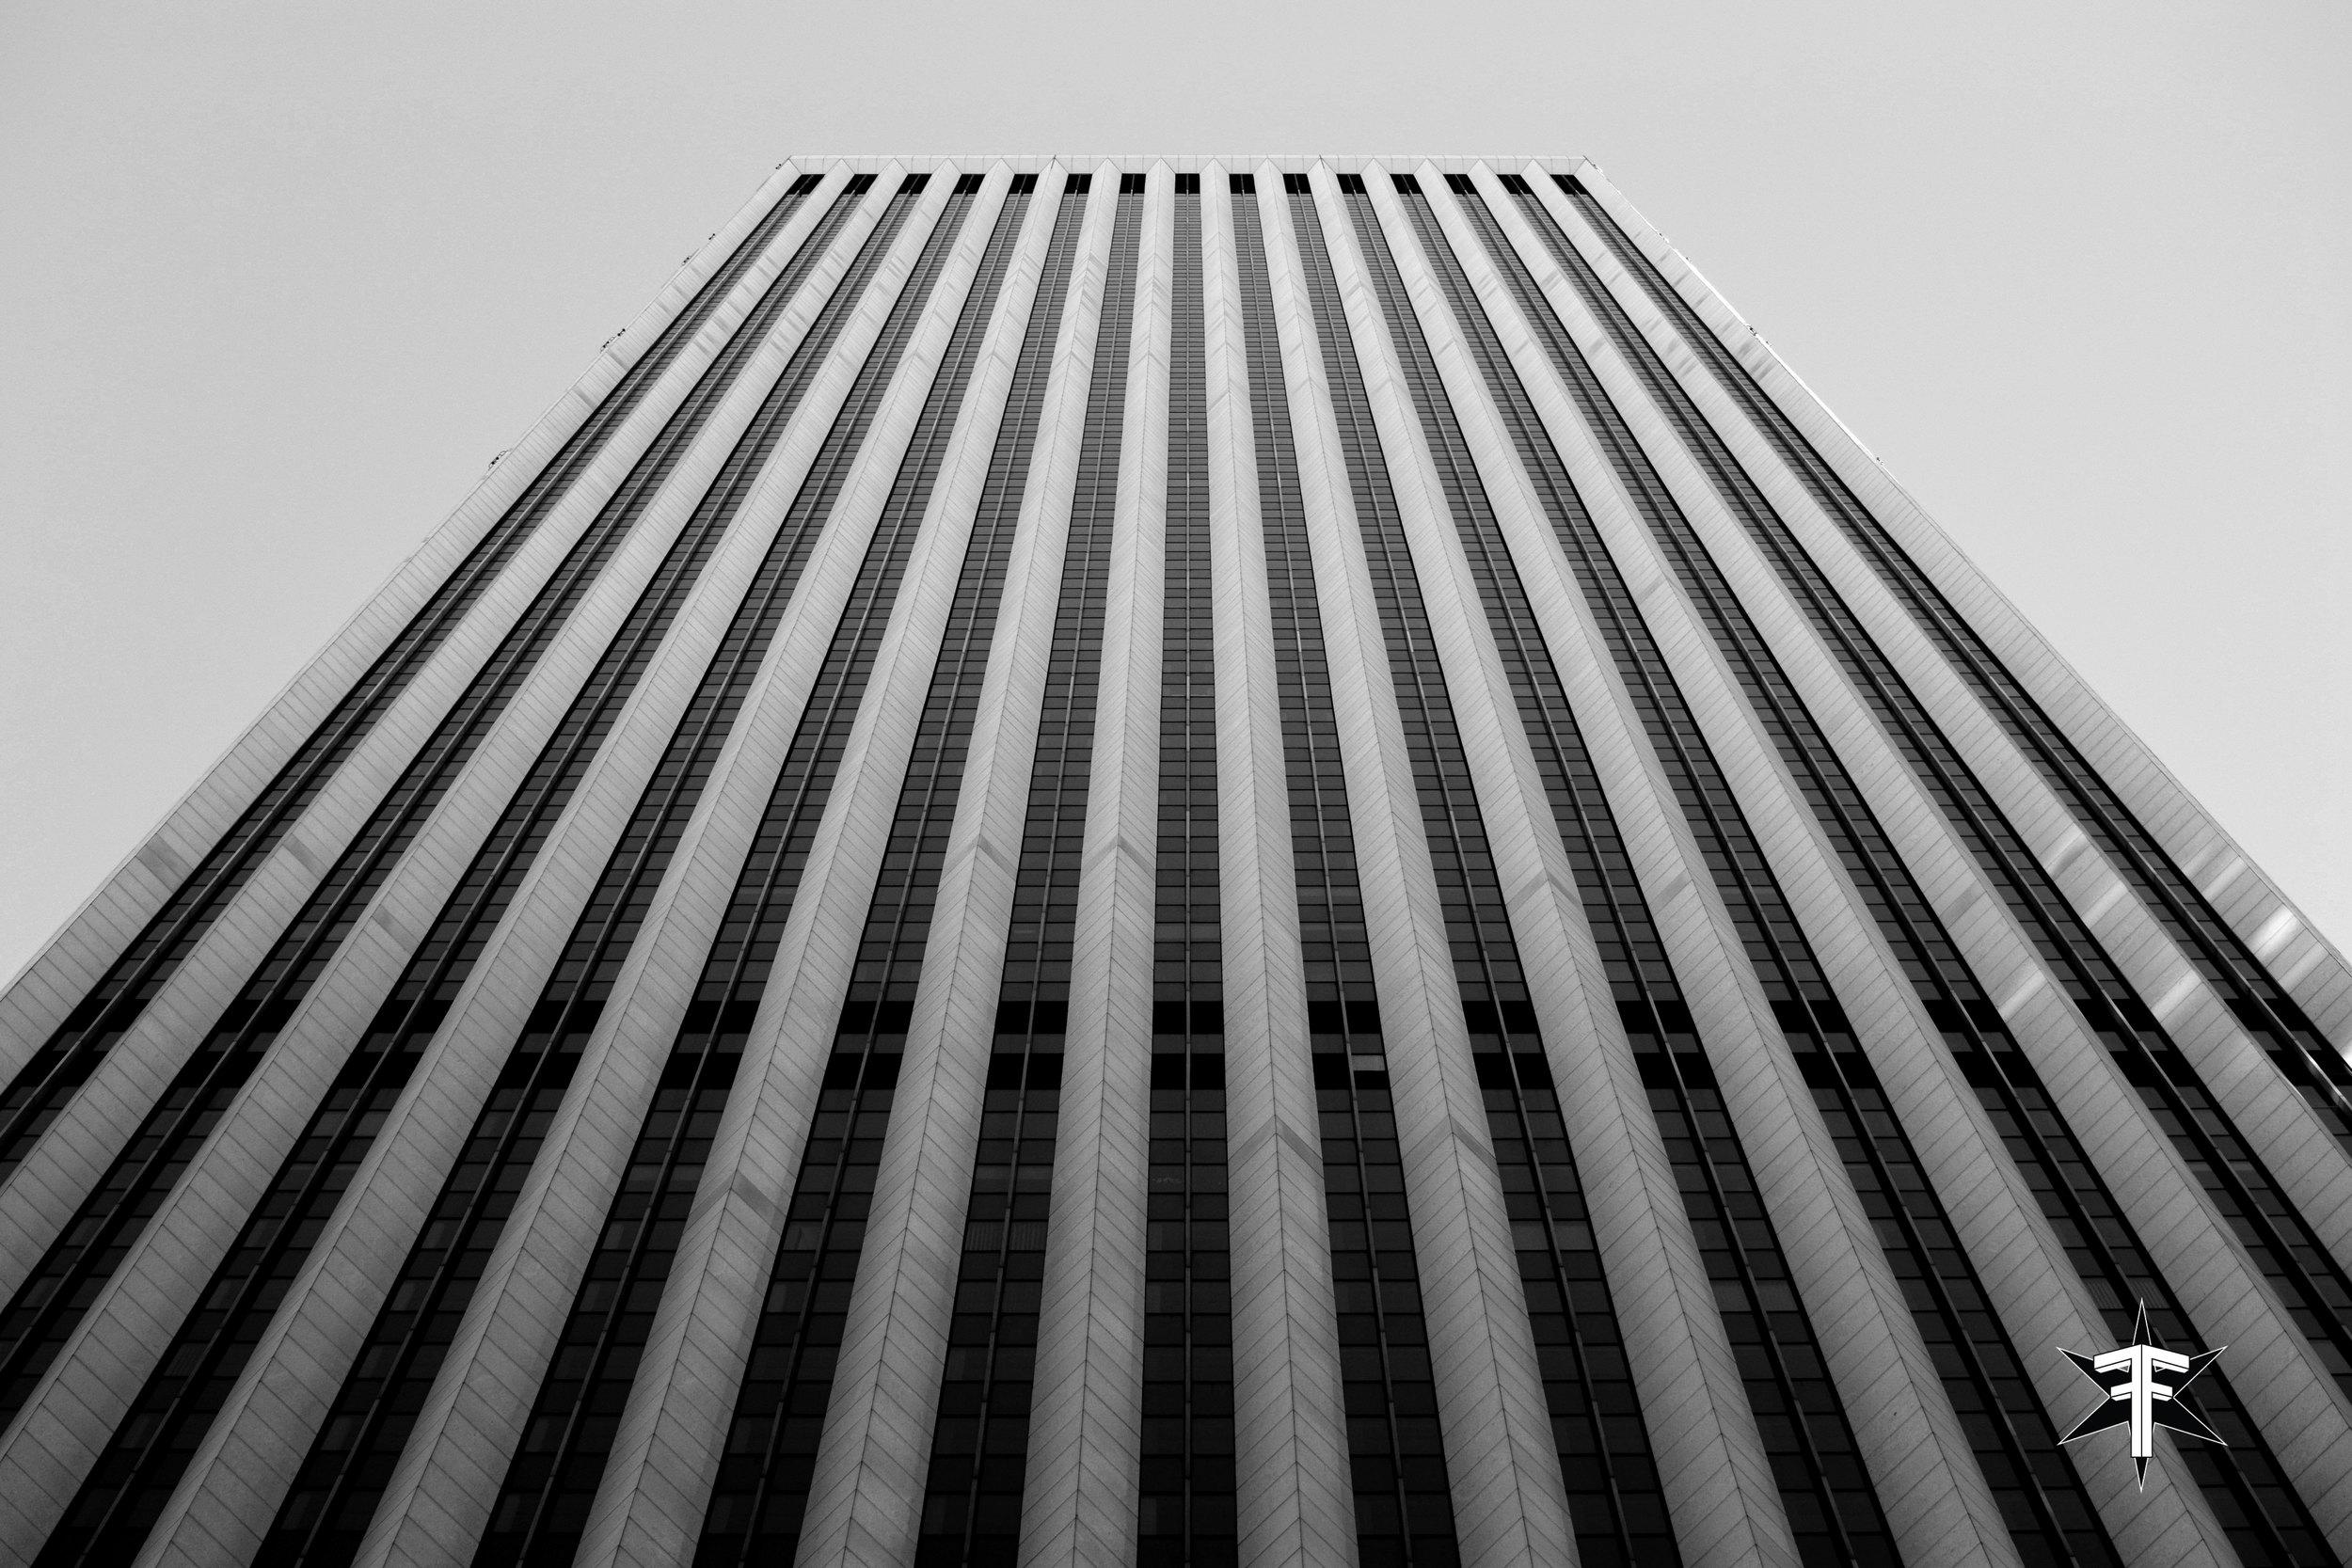 chicago architecture eric formato photography design arquitectura architettura buildings skyscraper skyscrapers-41.jpg